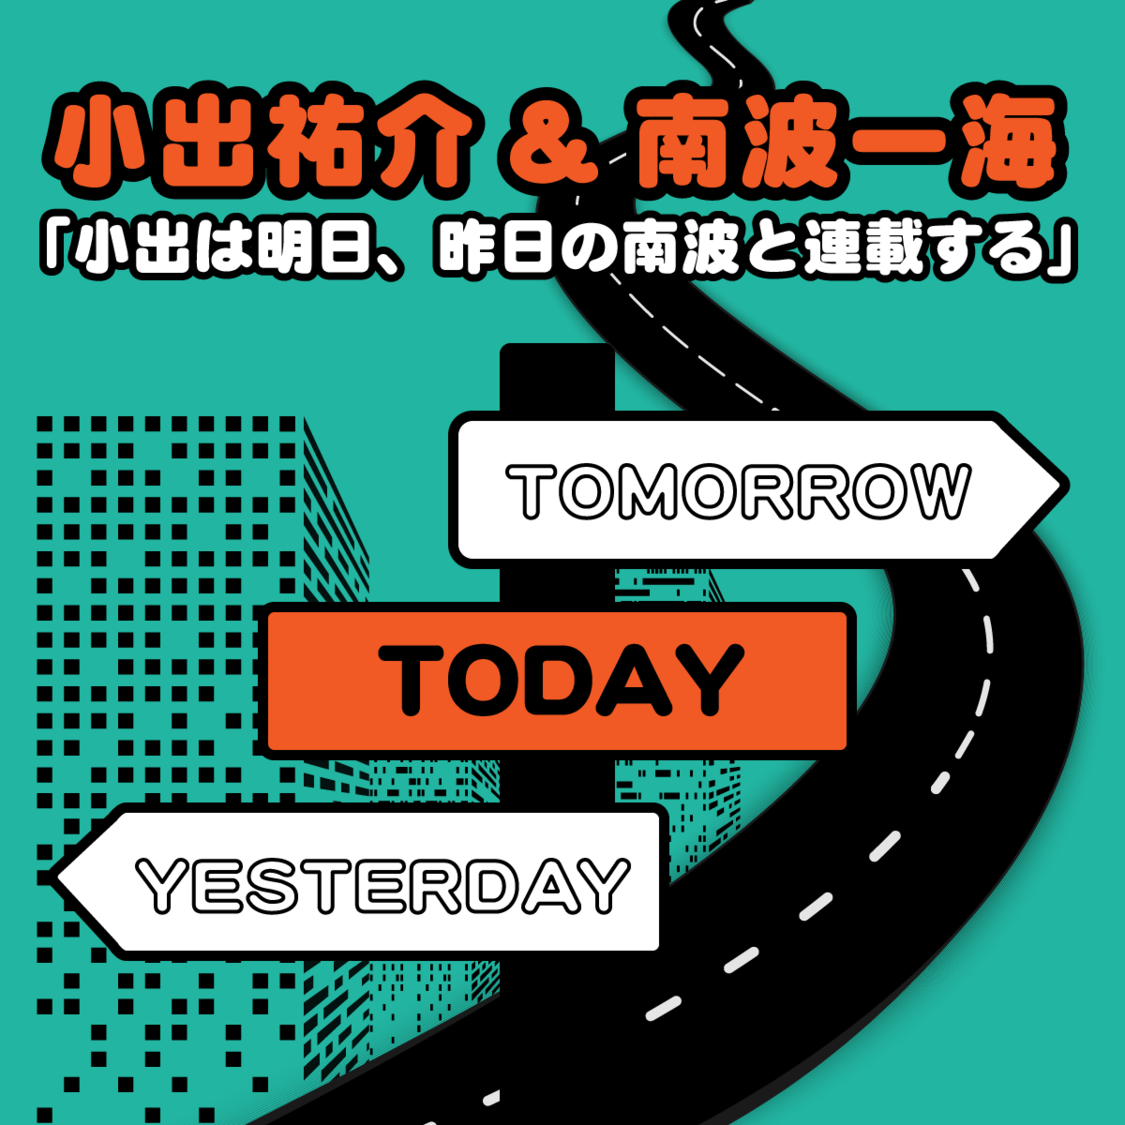 小出祐介&南波一海「小出は明日、昨日の南波と連載する」